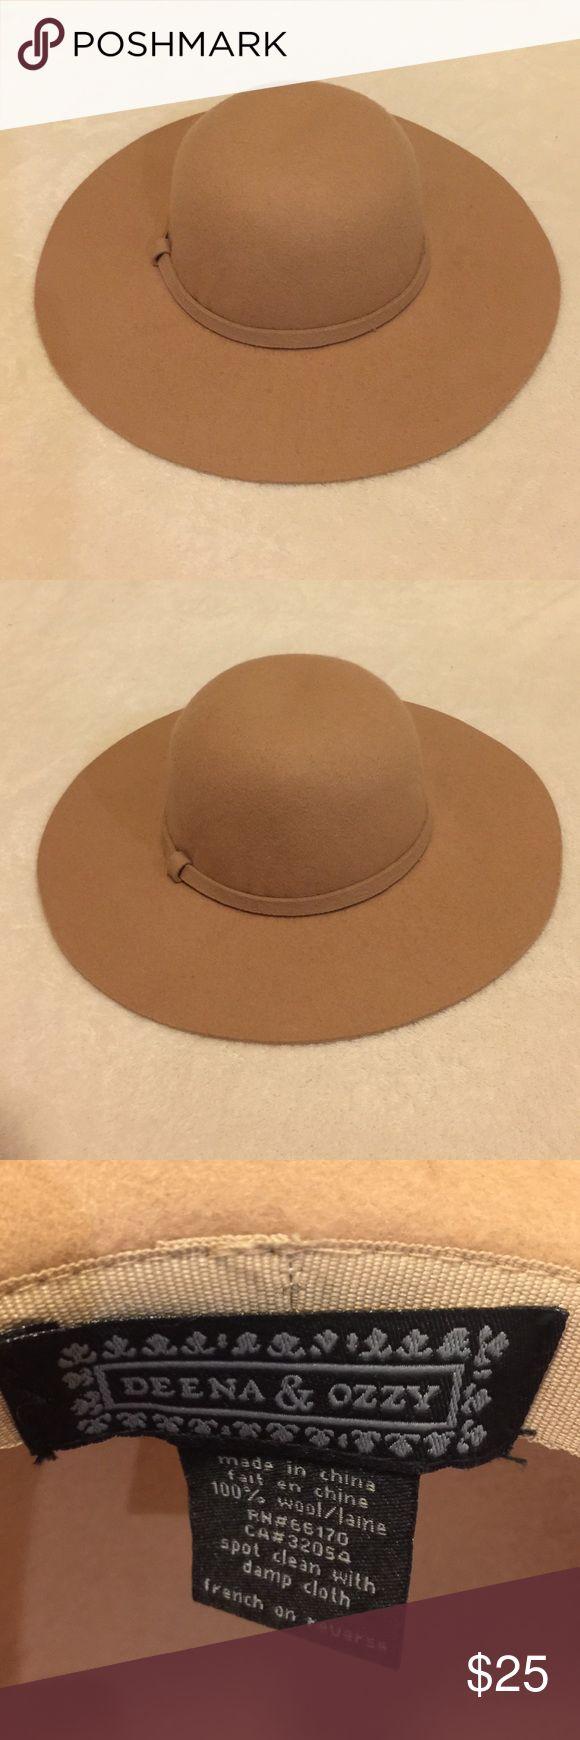 New Deena & Ozzy Wool hat New Deena & Ozzy Wool hat nwot 100% wool Deena & Ozzy Accessories Hats